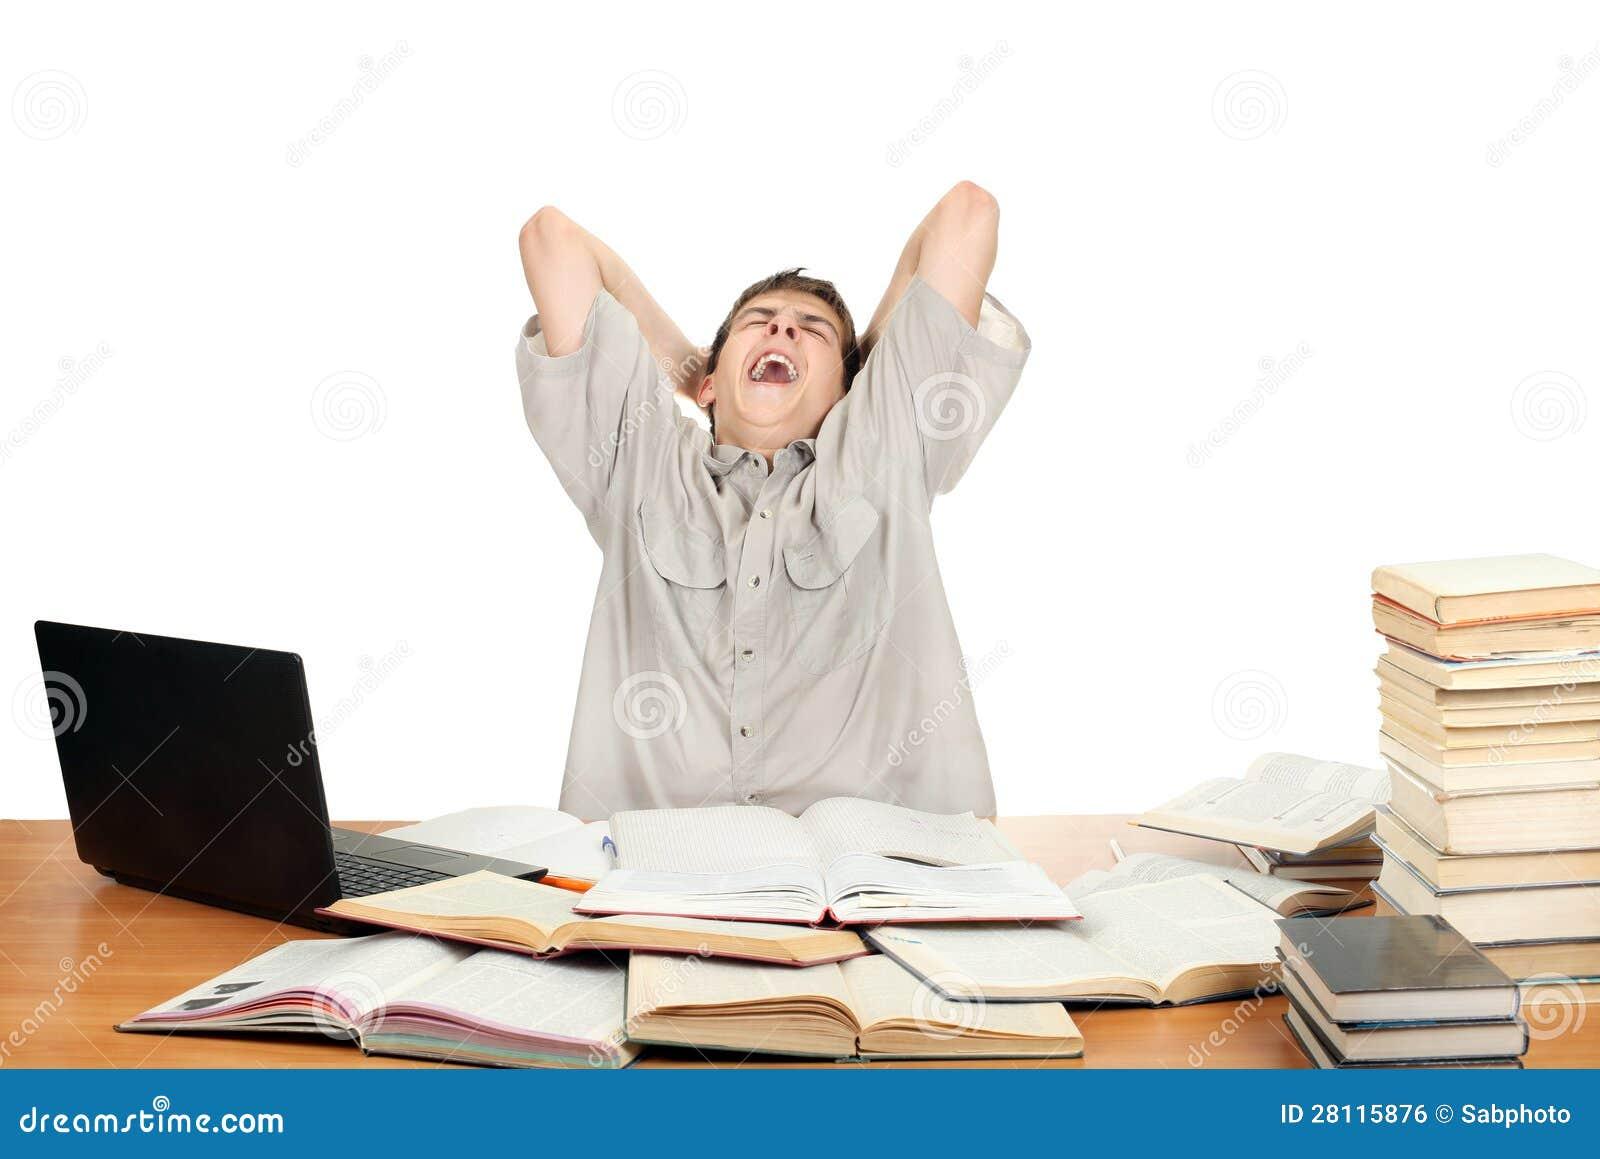 Student Yawning Royalty Free Stock Image - Image: 28115876